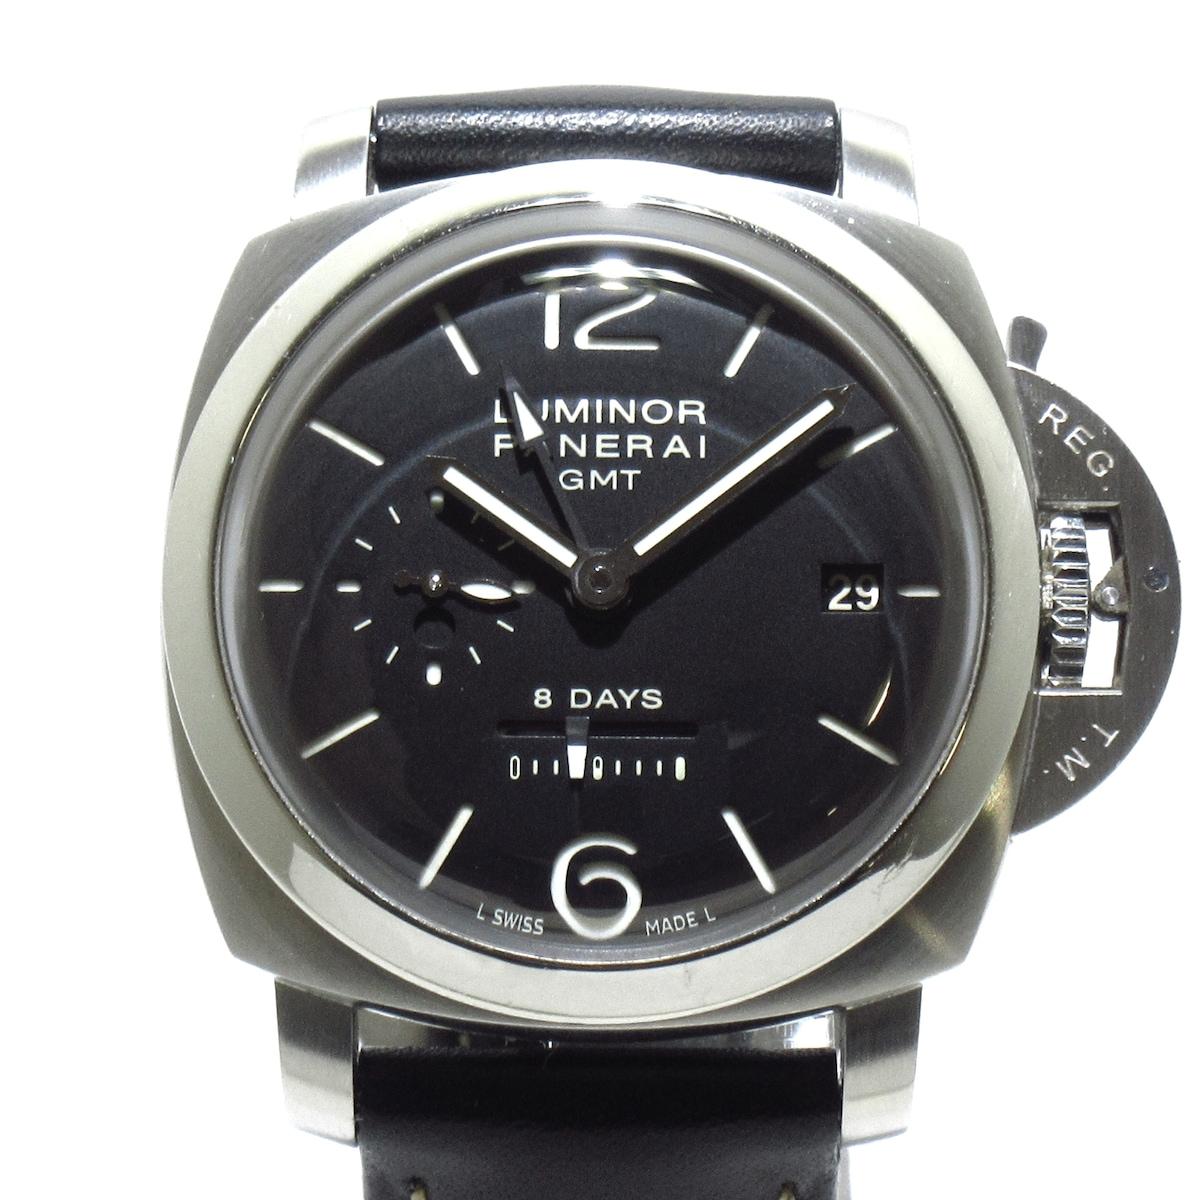 PANERAI(パネライ)のルミノール1950 8デイズ GMT